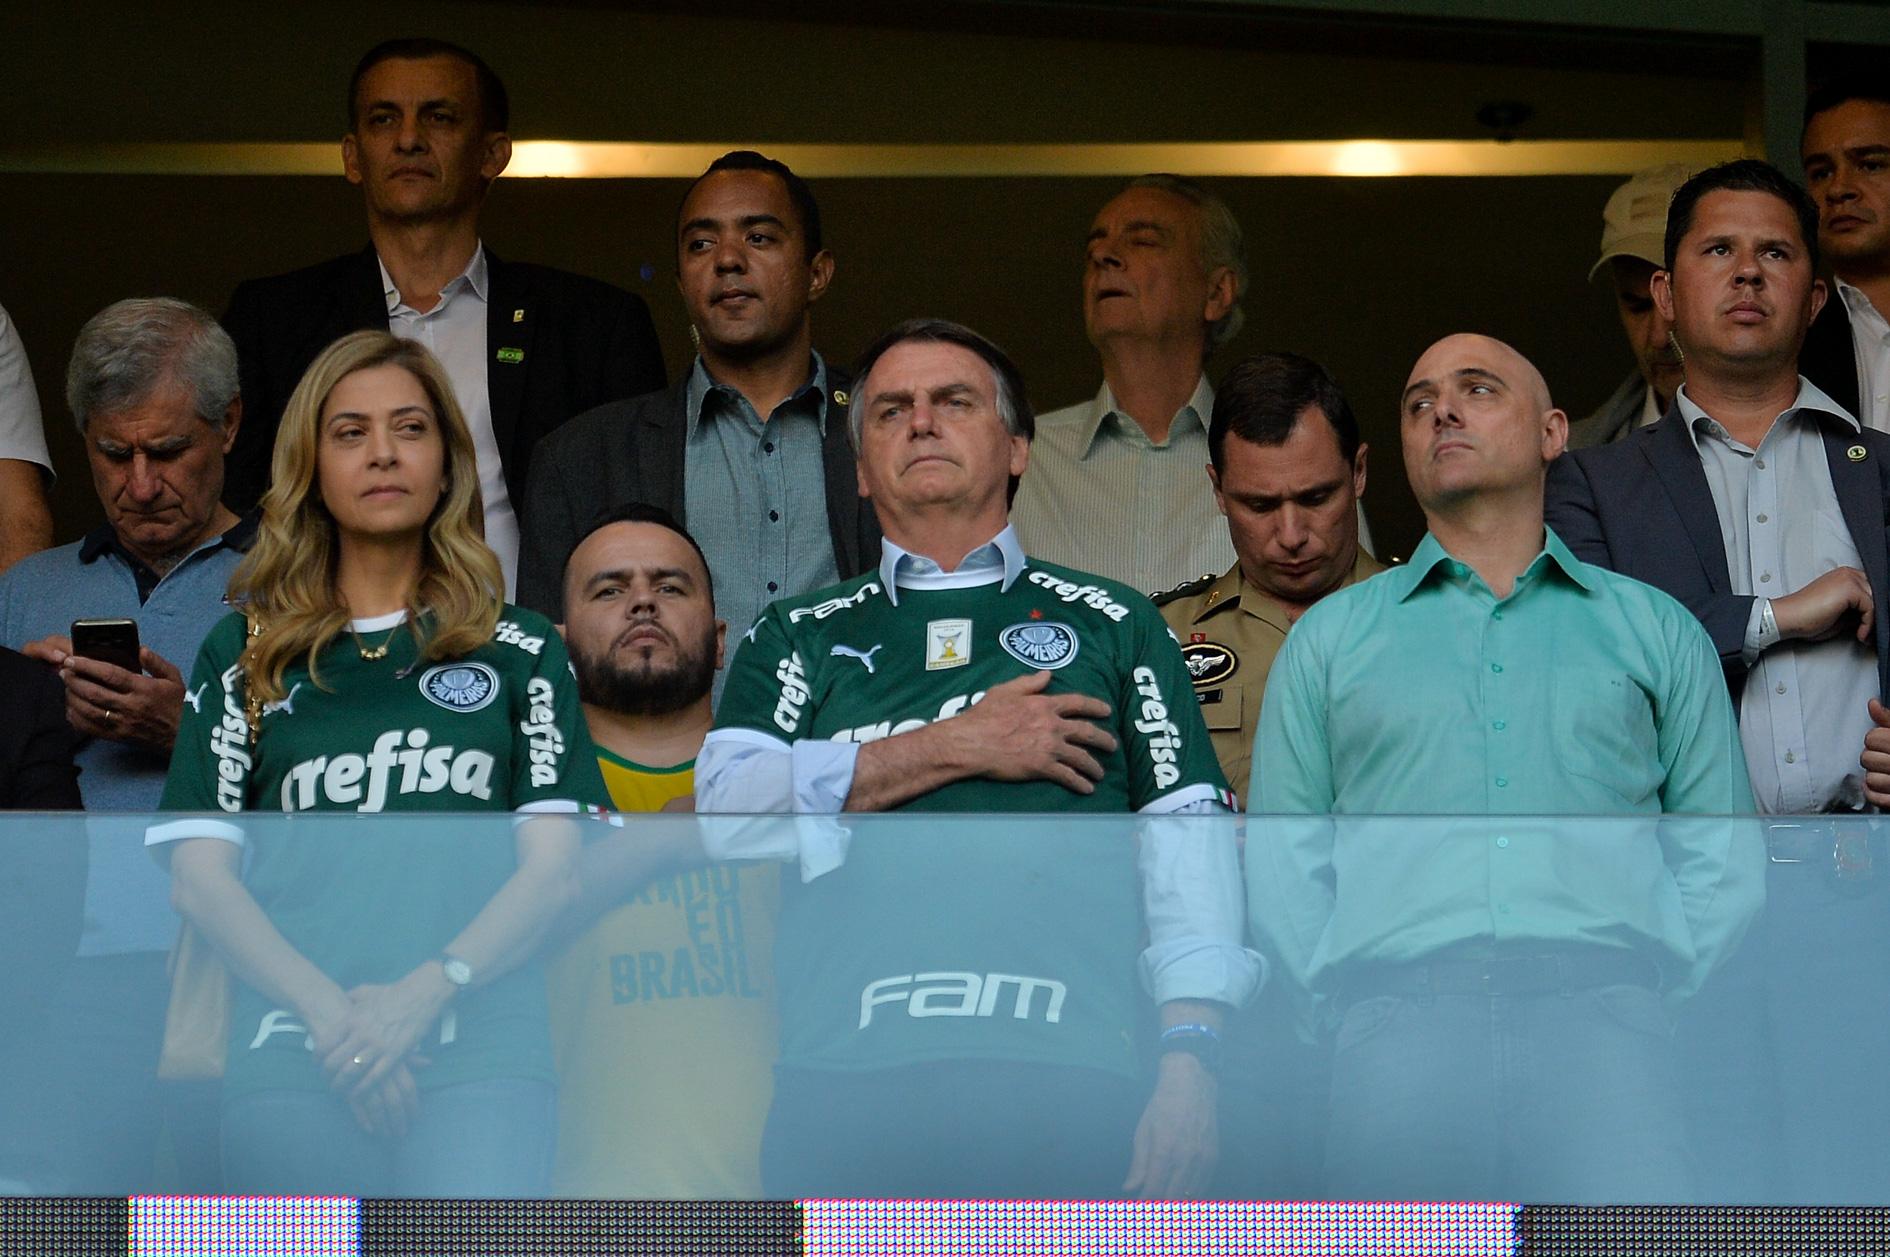 Palmeiras_X_Vasco_dudabairros_Agif_0431.